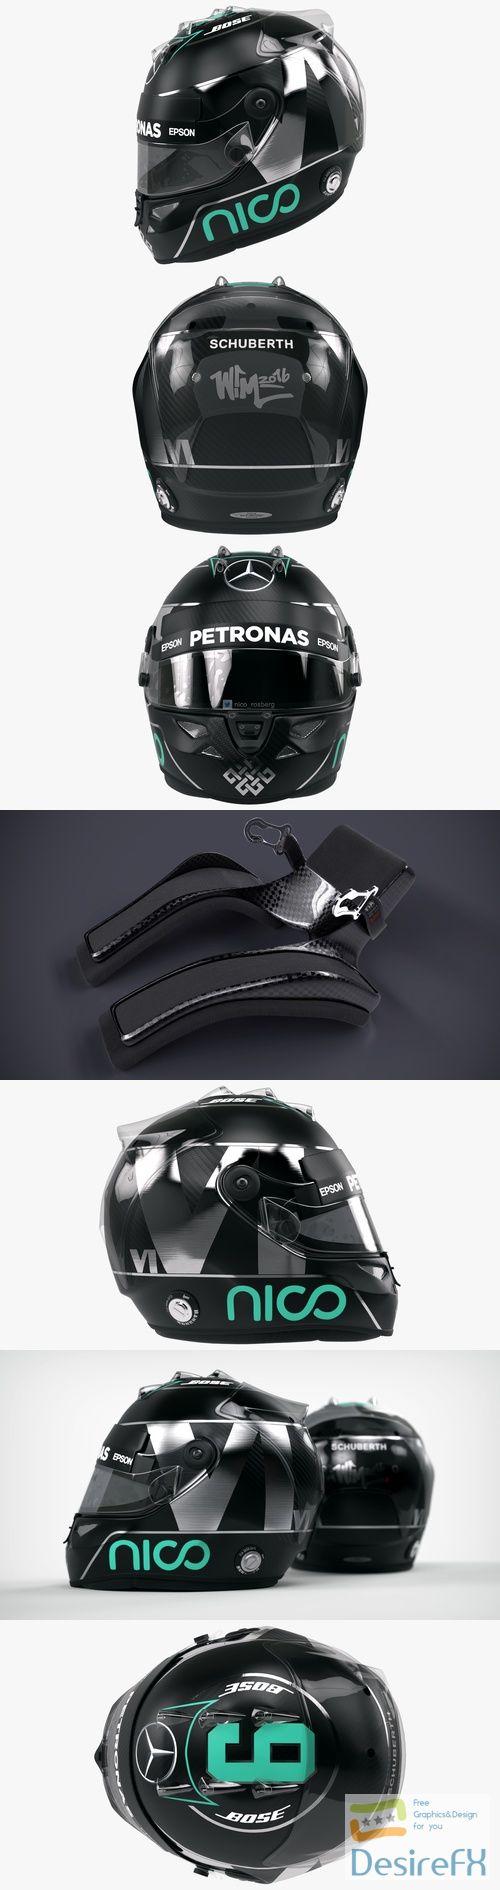 Nico Rosberg 2016 style Racing helmet 3D Model